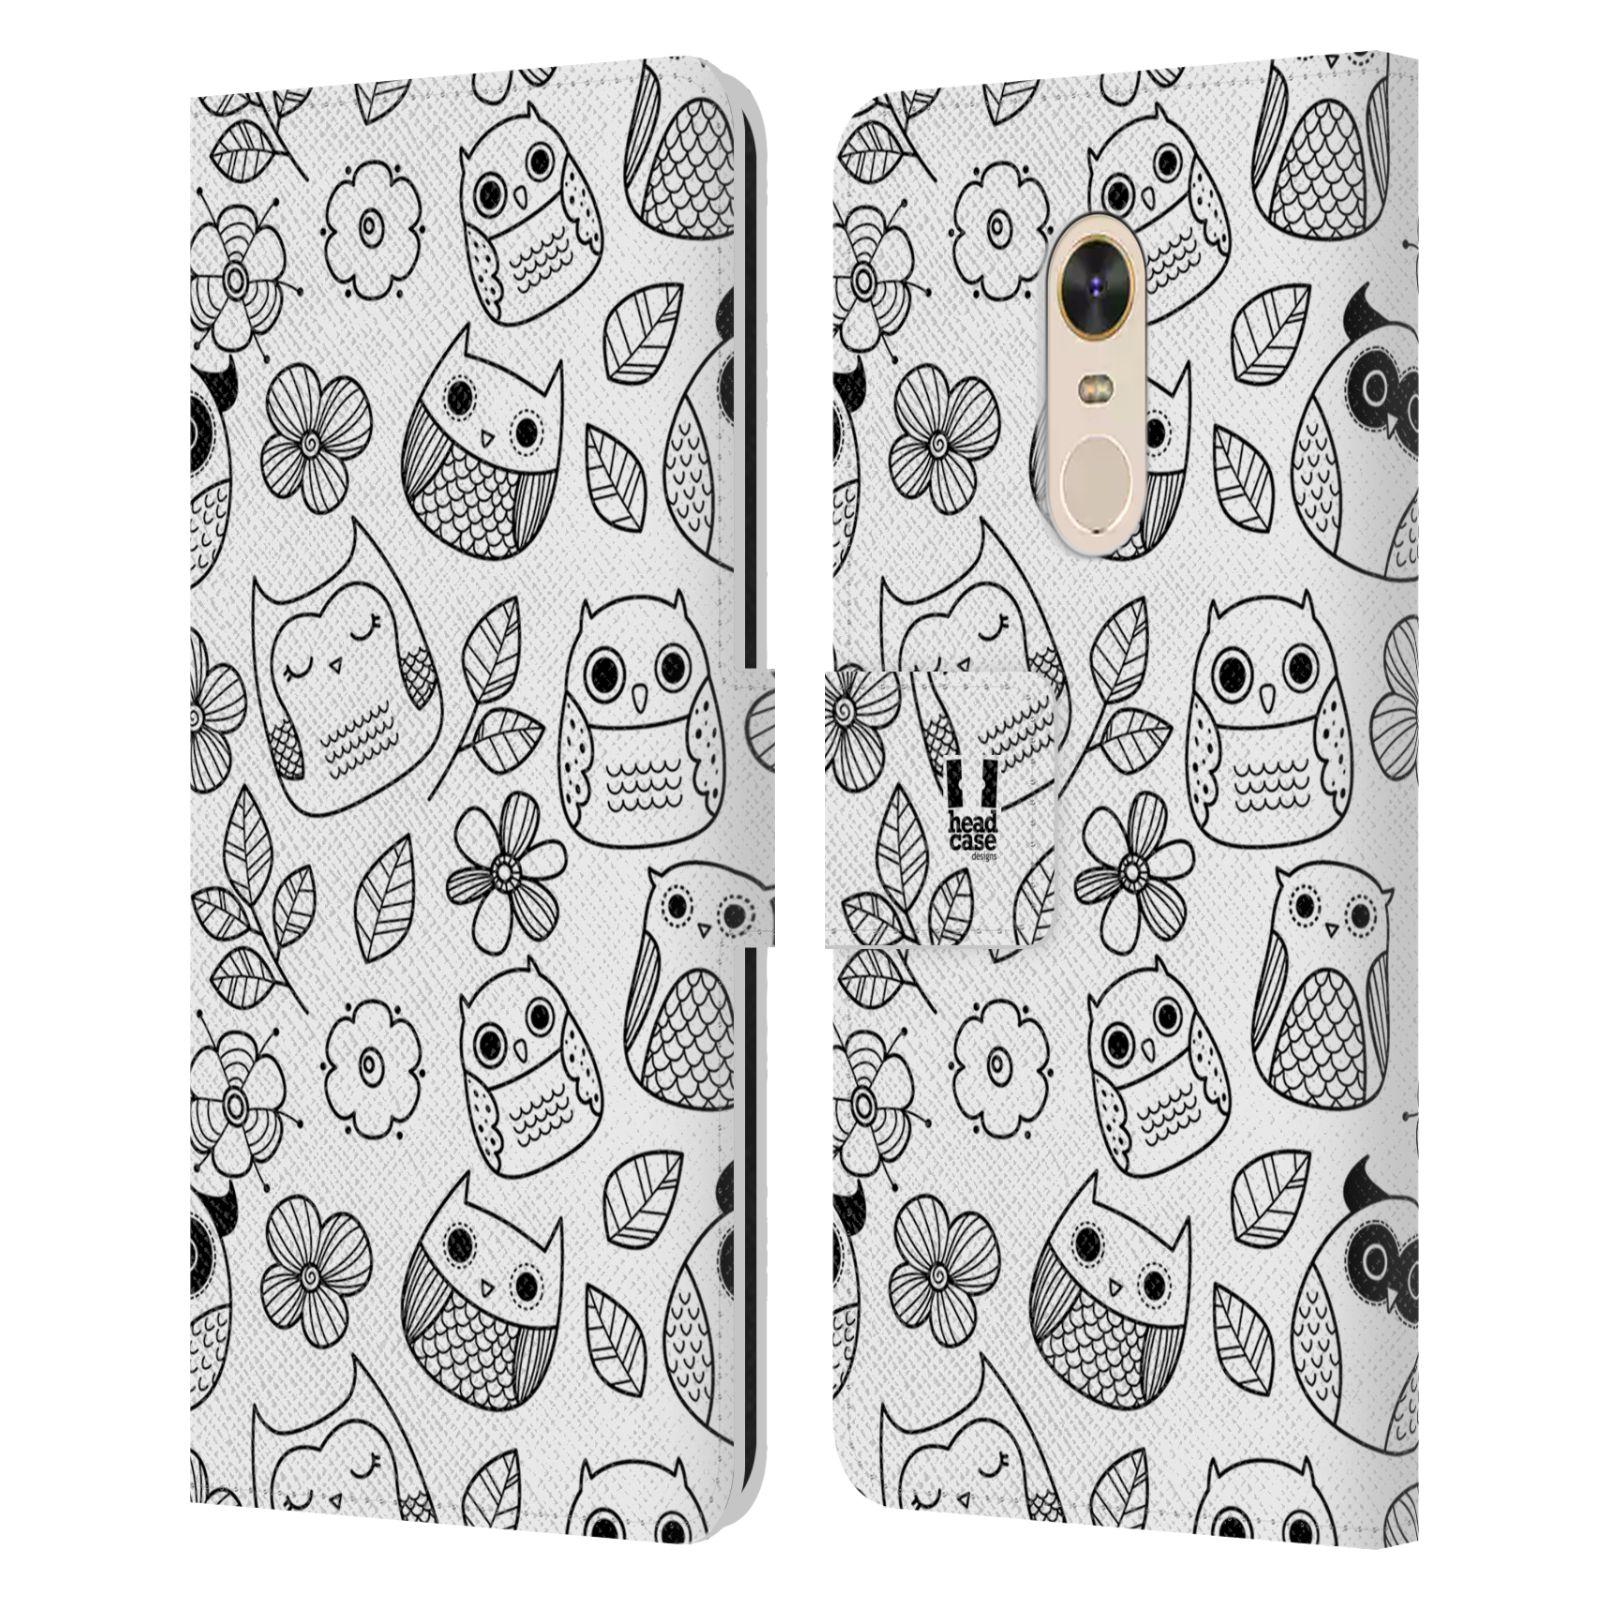 HEAD CASE Flipové pouzdro pro mobil Xiaomi Redmi Note 5 černobílé sovičky kreslené květiny a sovičky bílá